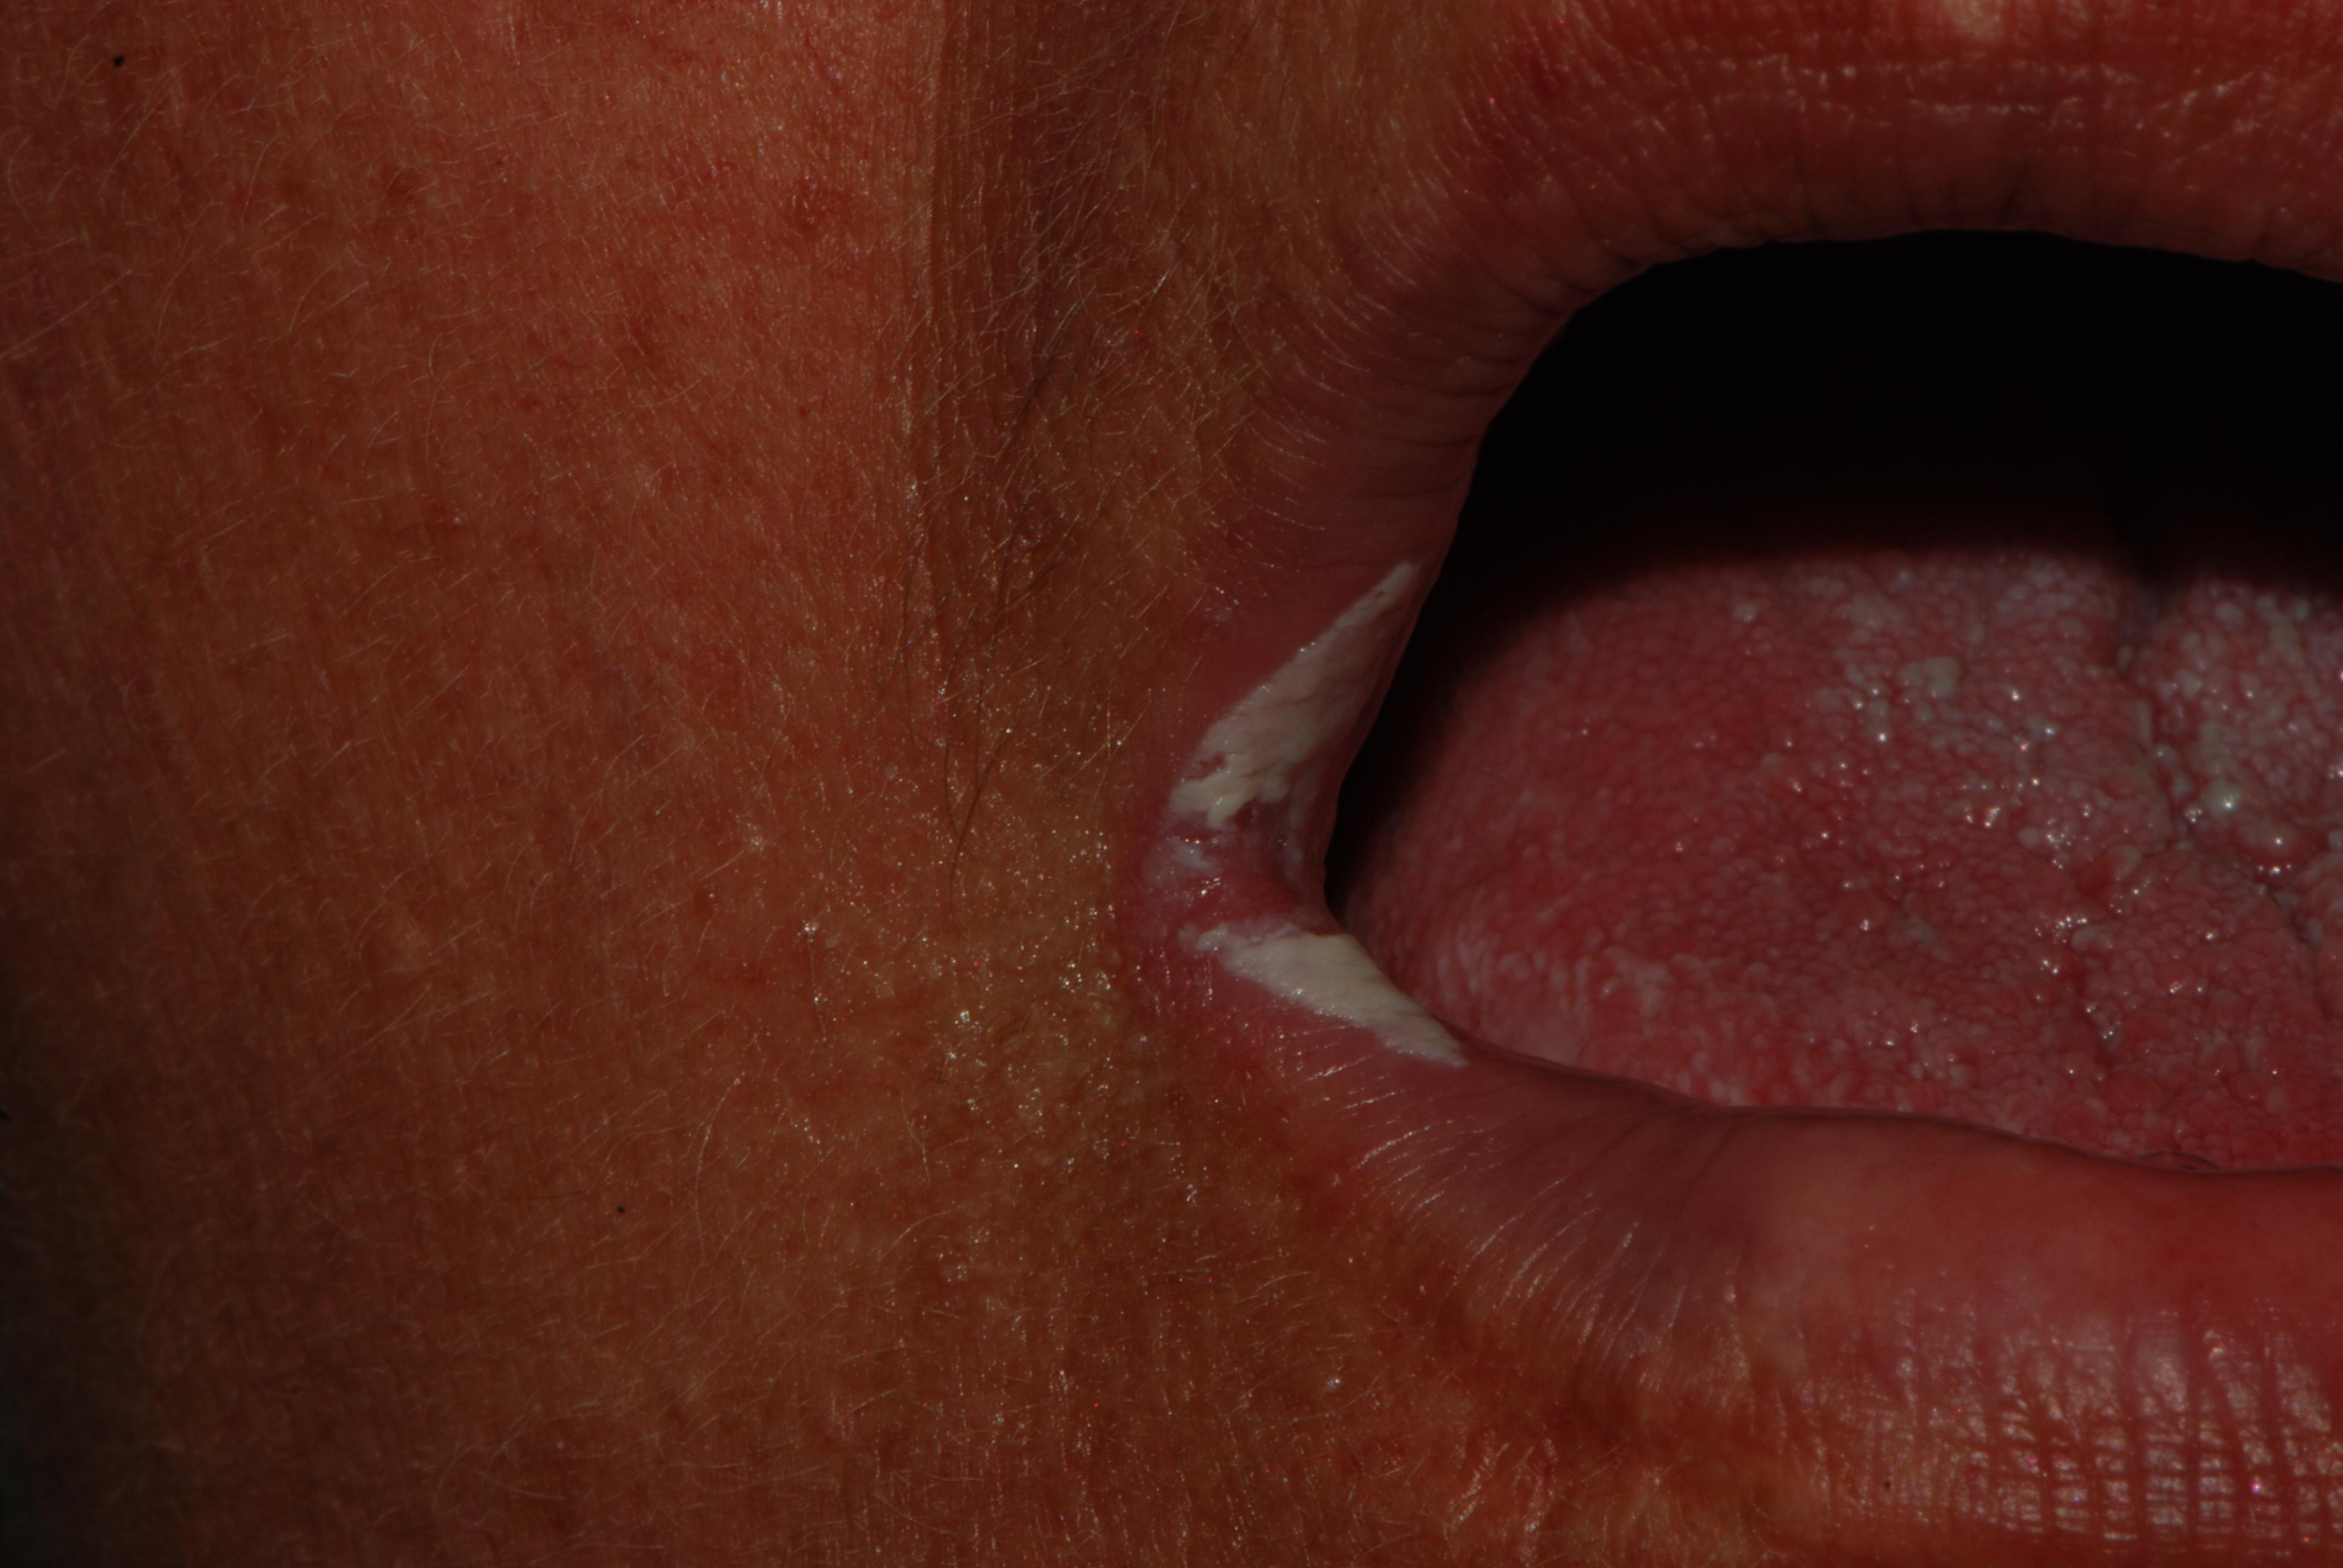 Infezione da Candida albicans